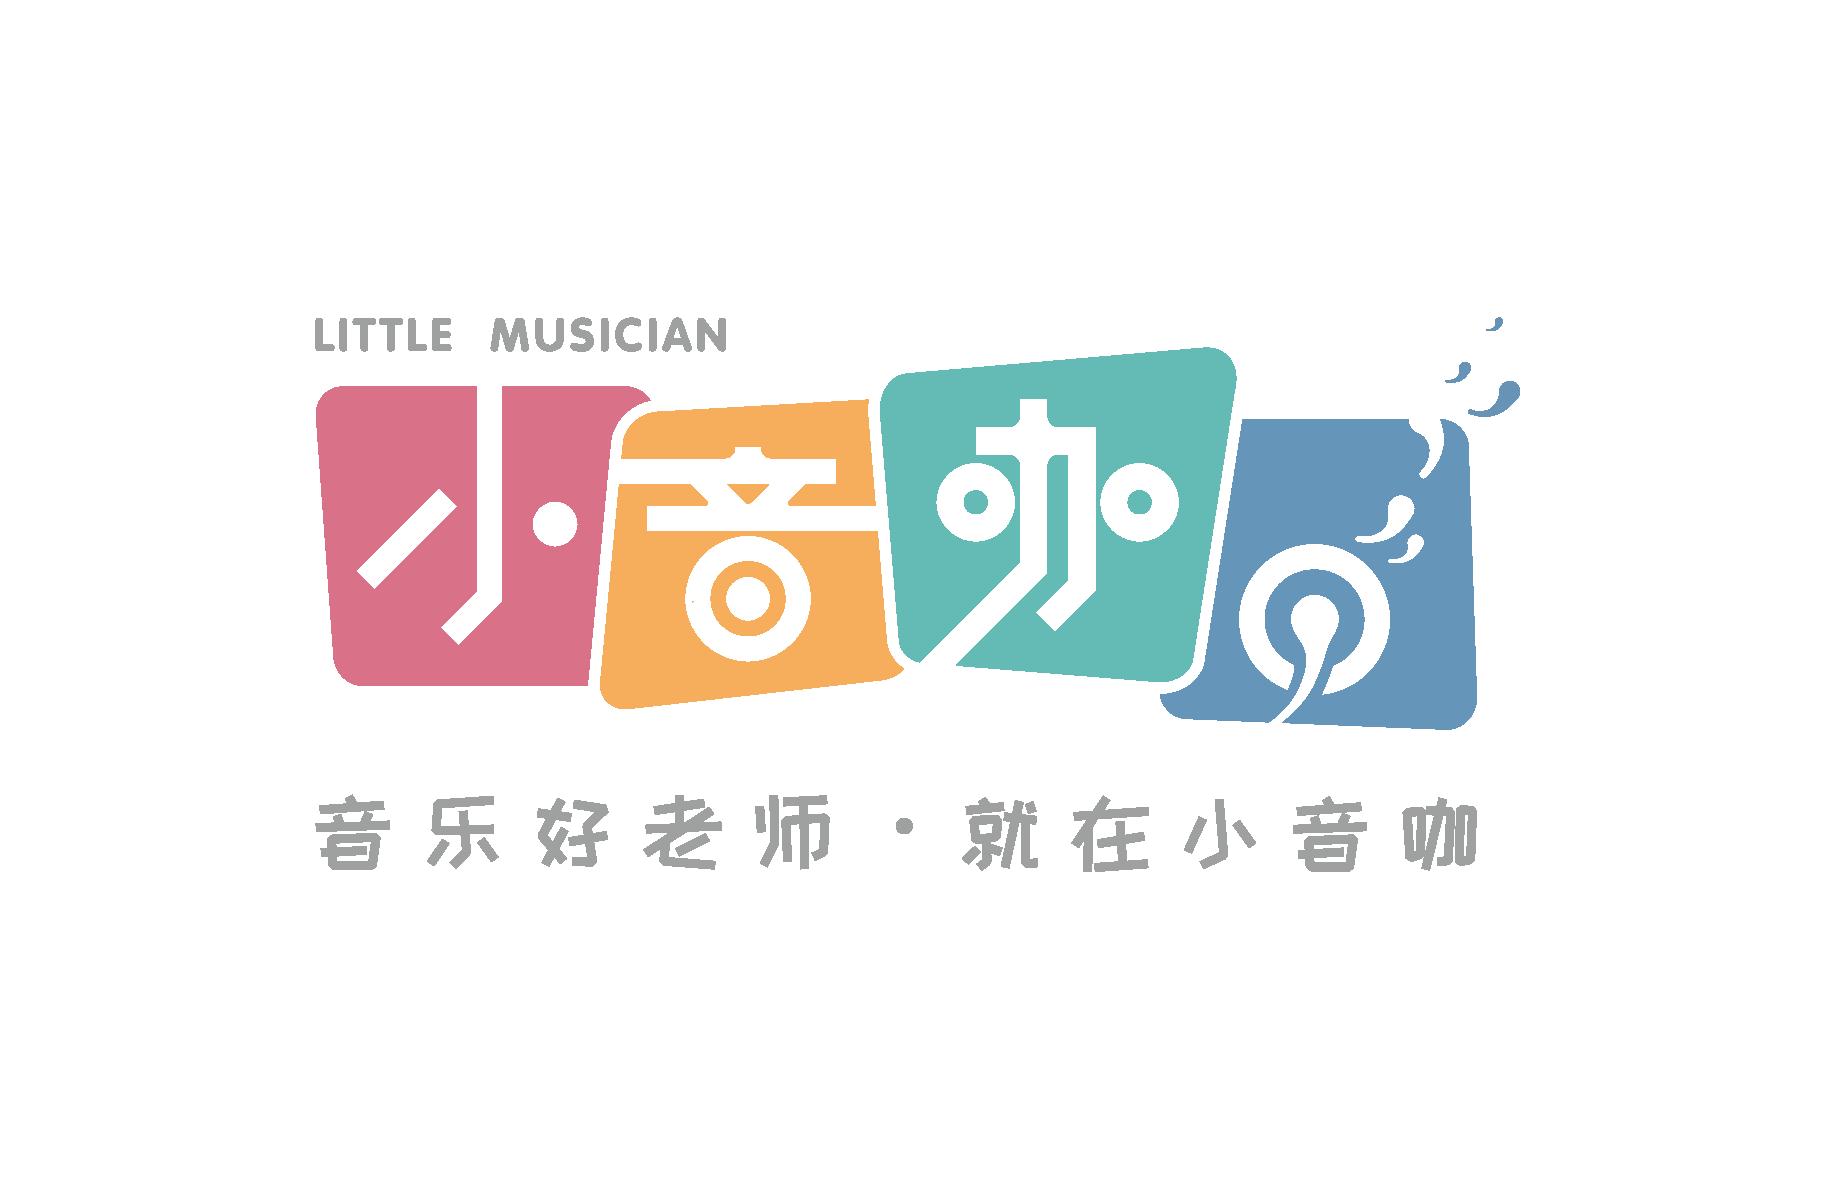 上海艺齐来文化传播有限公司